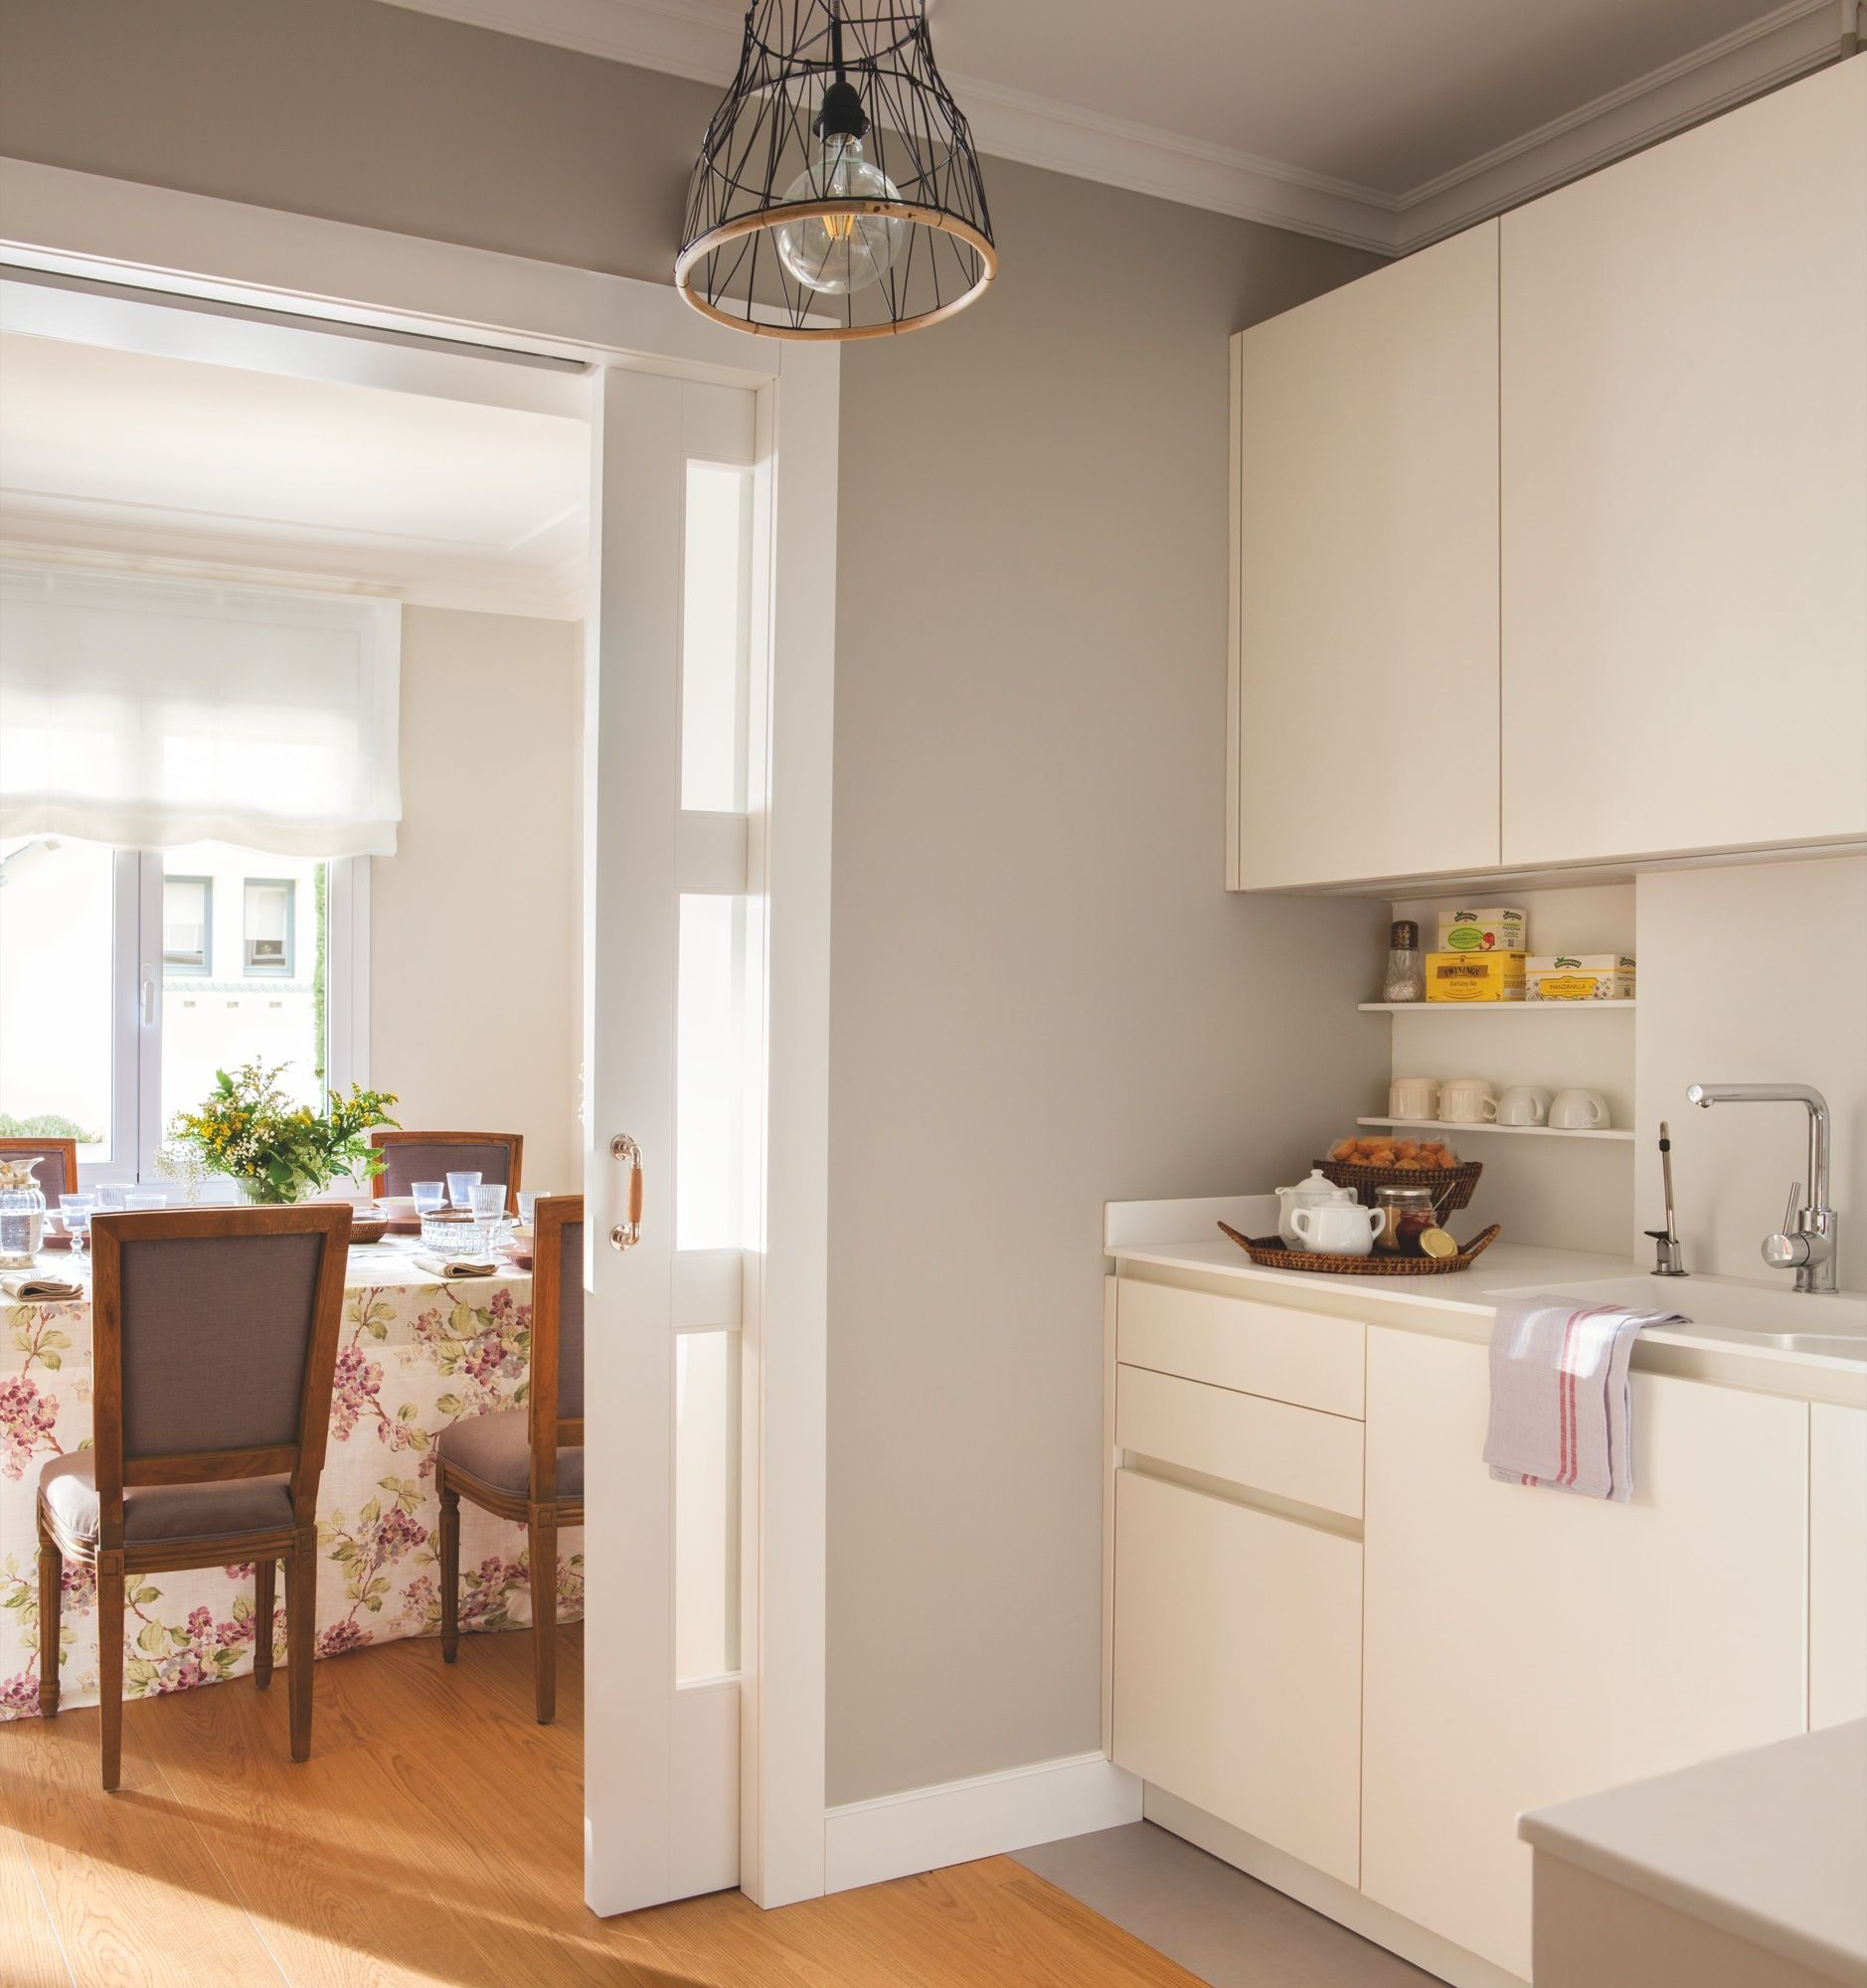 cocina con muebles blancos paredes grises y puerta